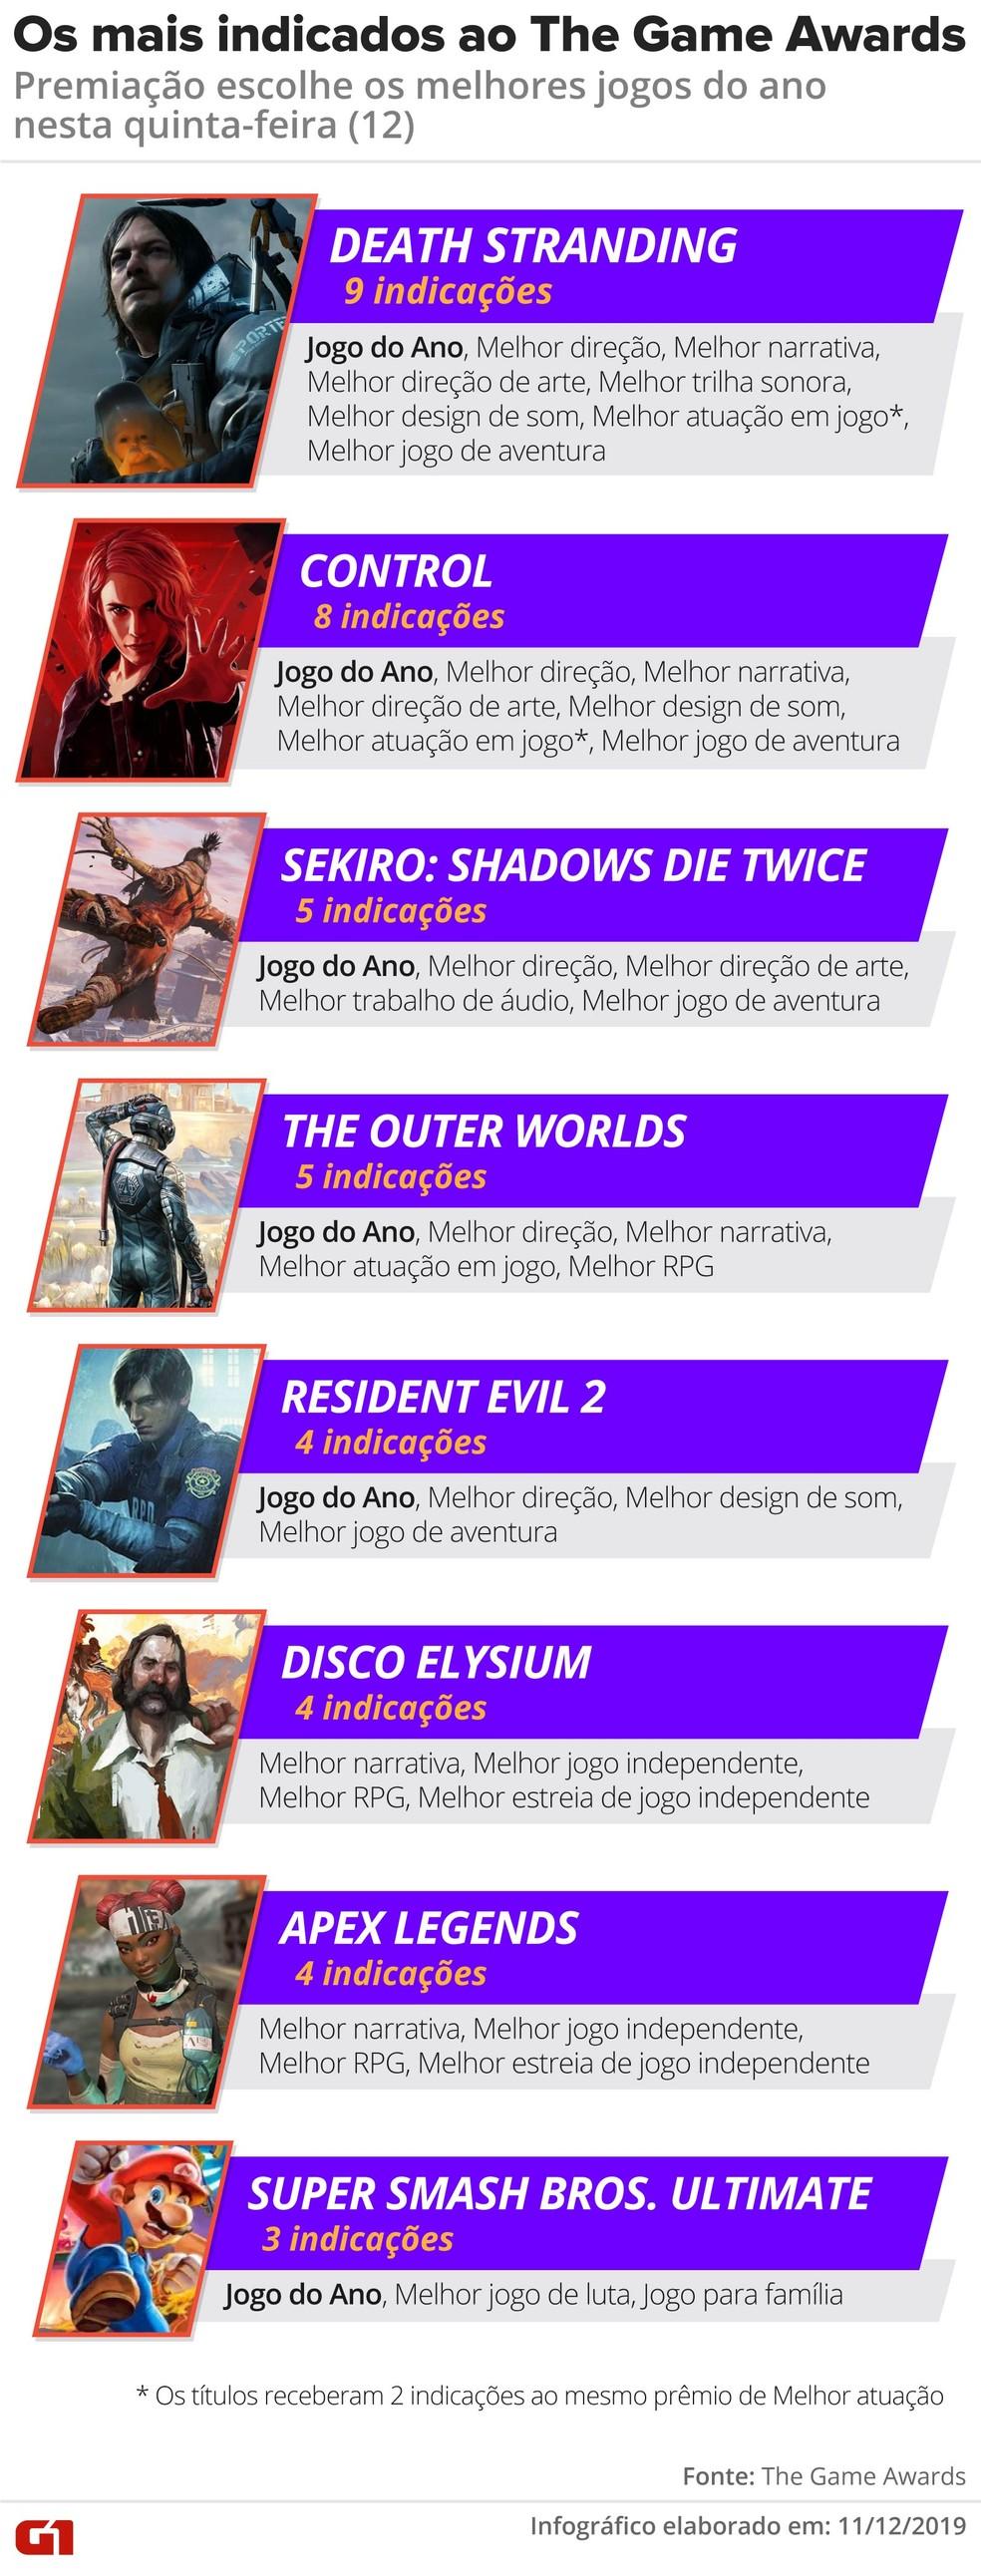 'Death Stranding' e 'Control' lideram indicações para a The Game Awards 2019 — Foto: Rodrigo Sanches/G1